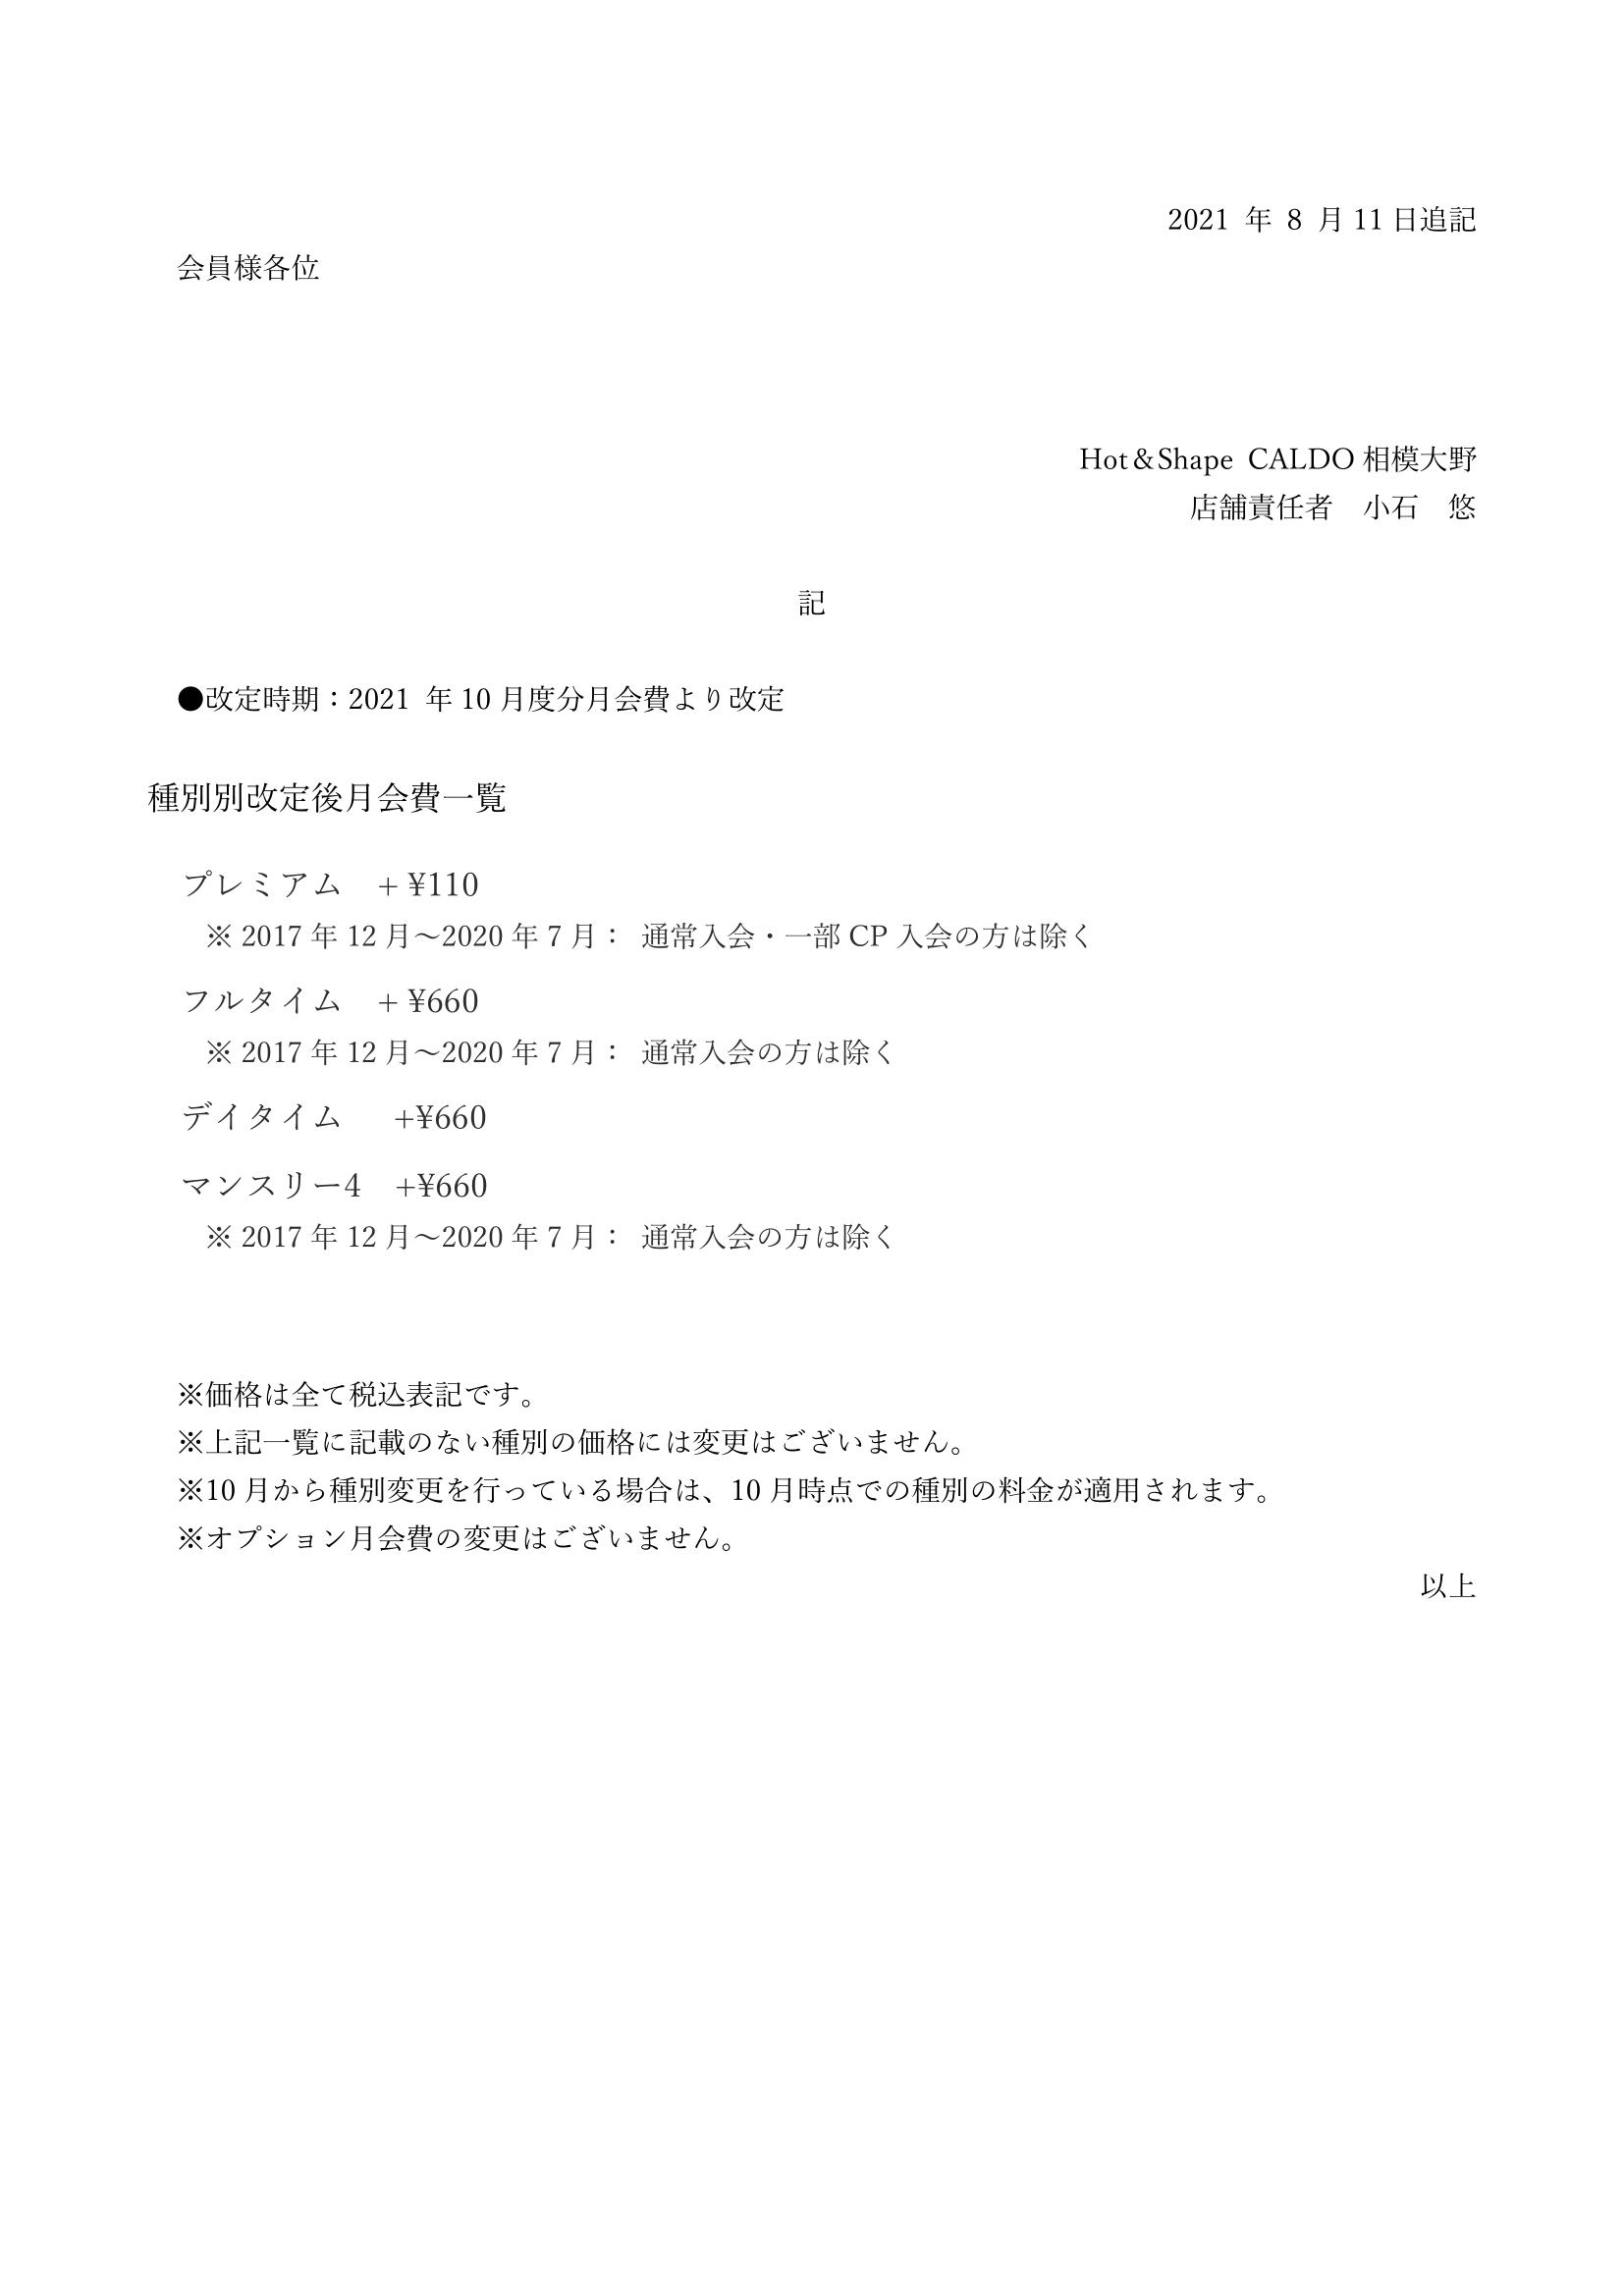 210811【既存 種別毎】月会費改定告知文-1